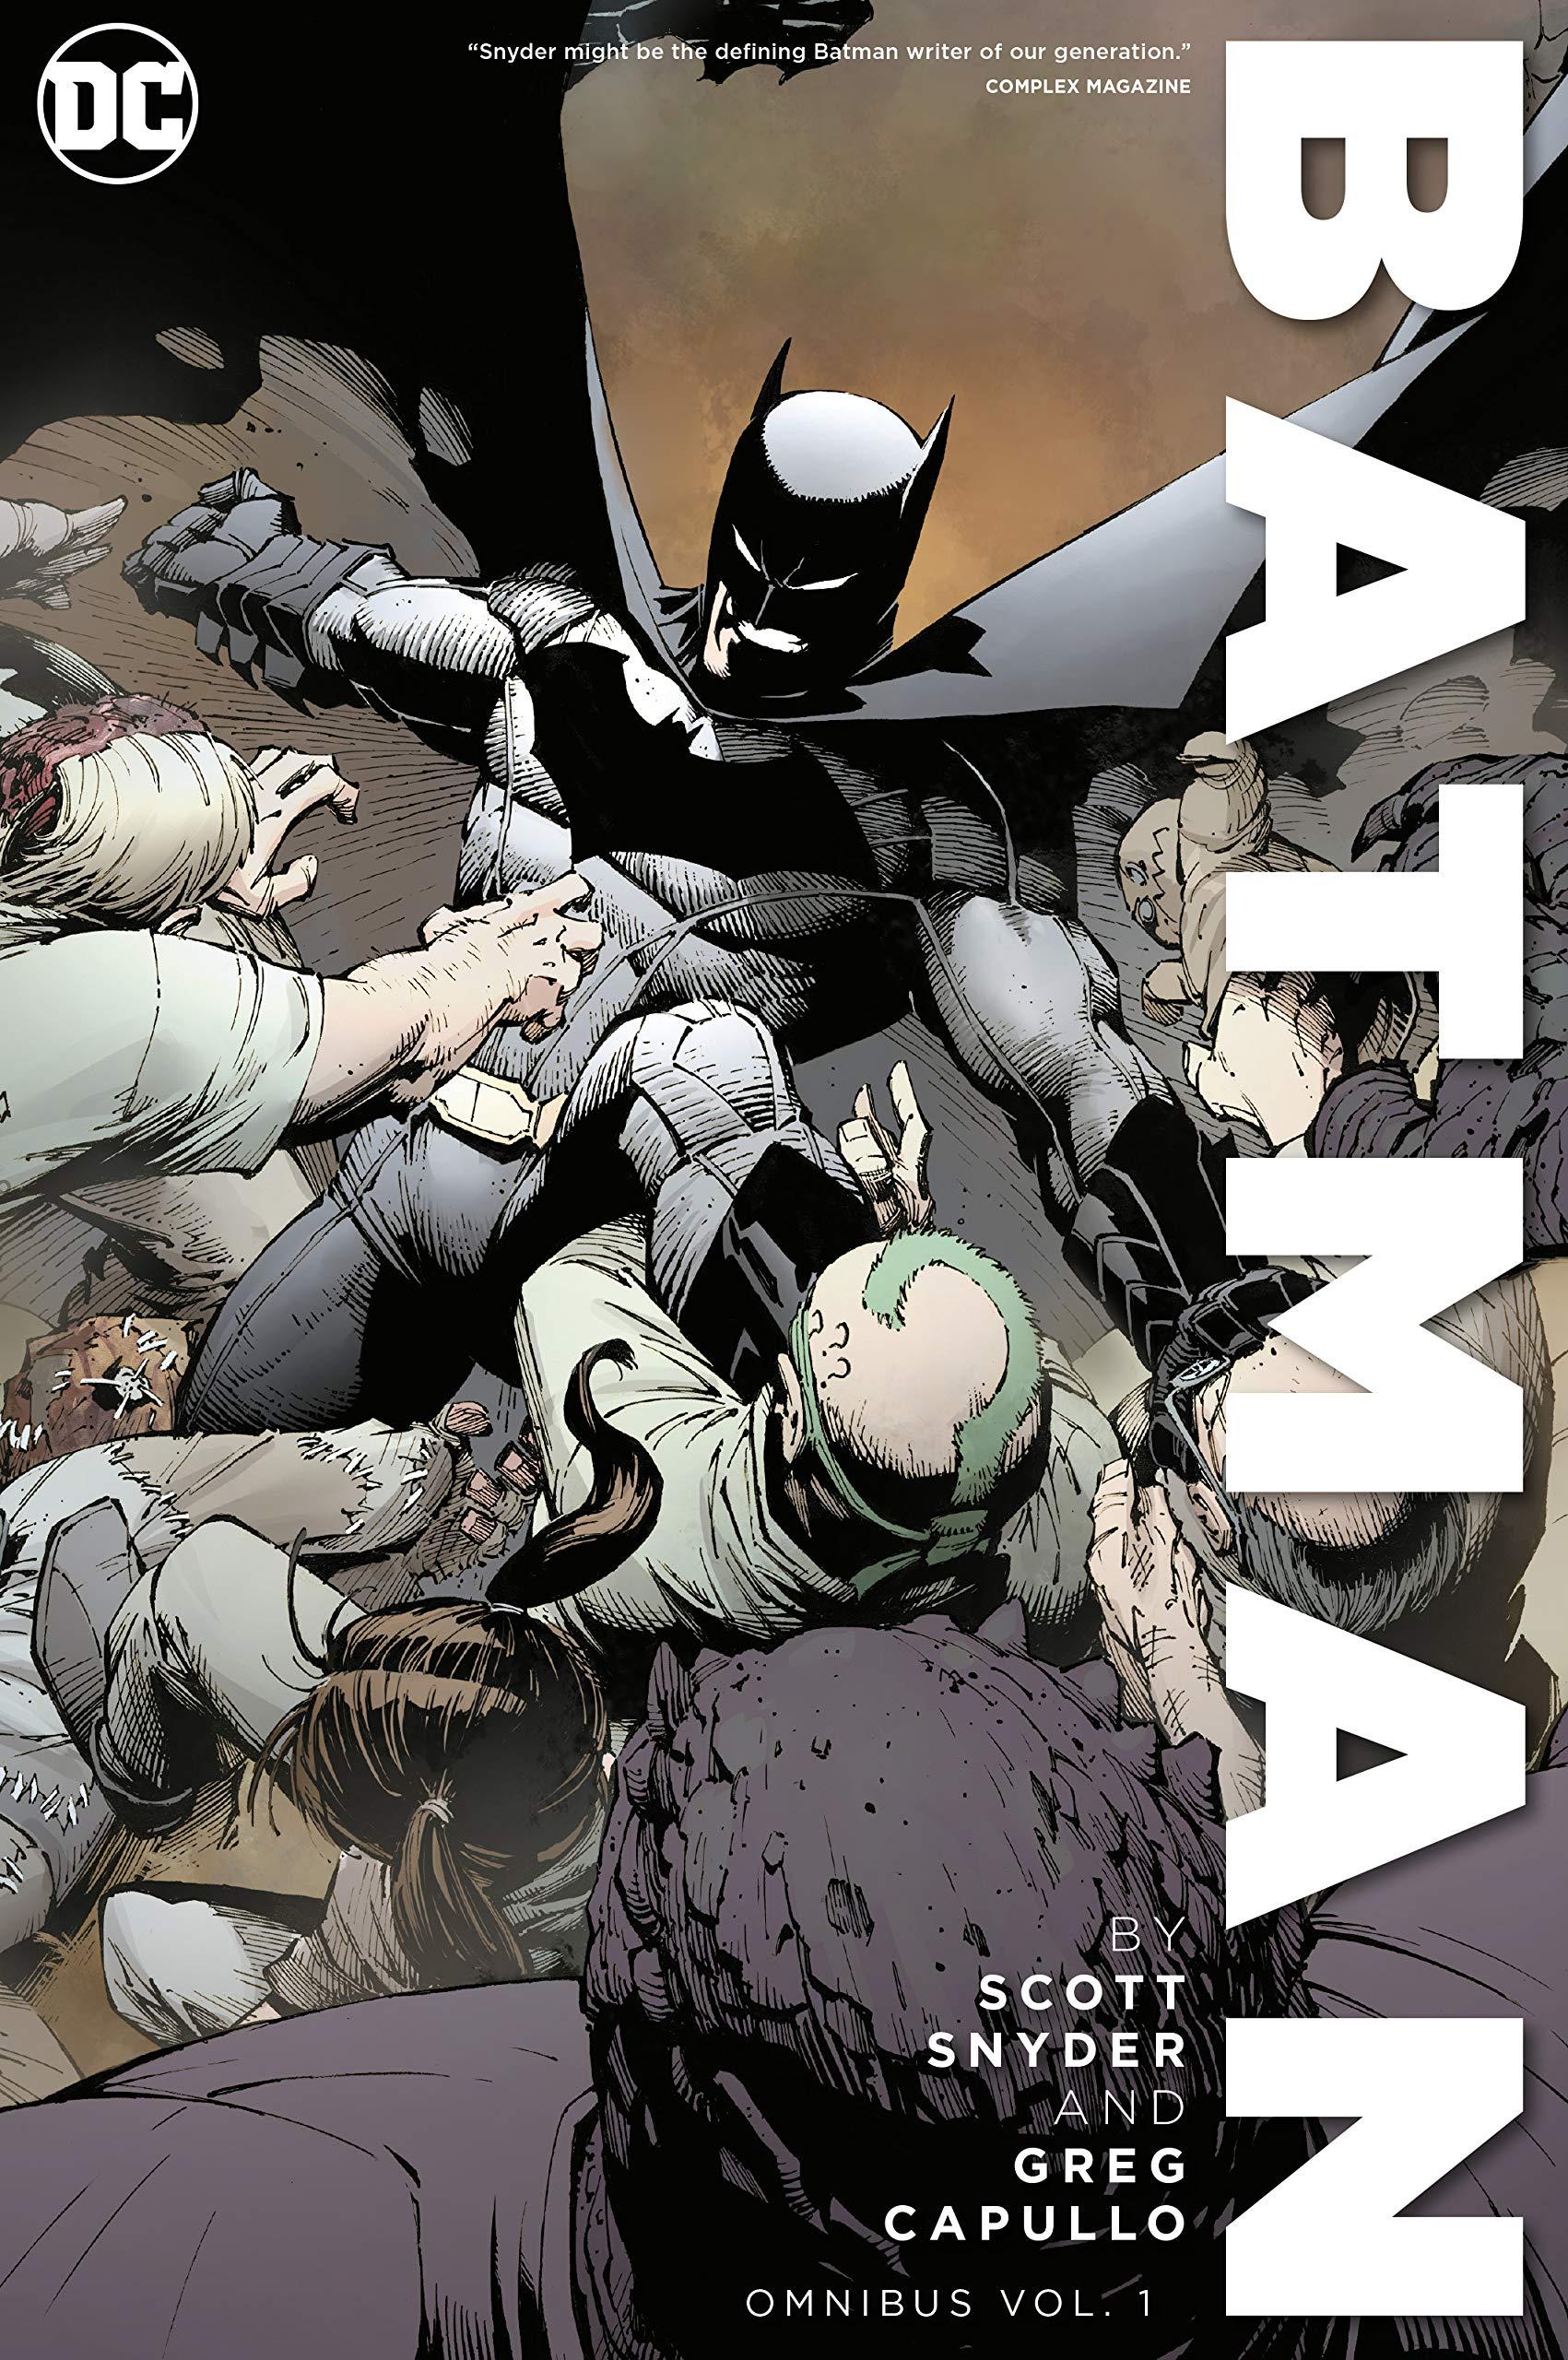 Batman by Scott Snyder & Greg Capullo Omnibus Vol. 1 (Batman Omnibus) by DC Comics